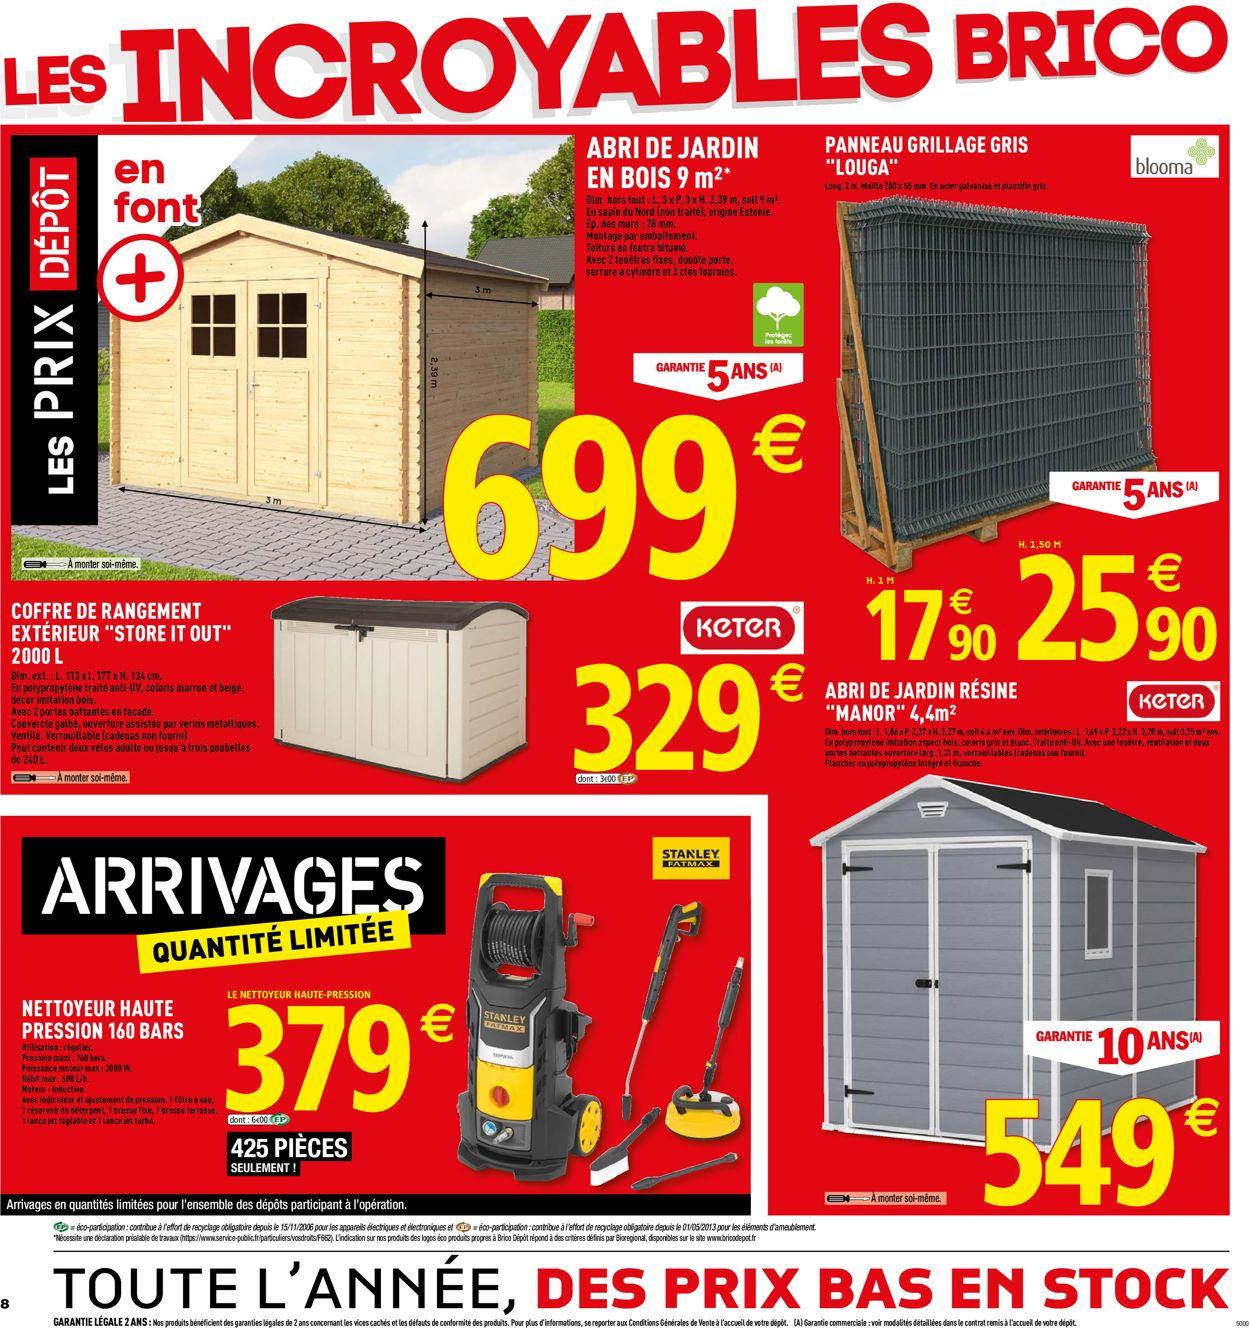 Brico Dépôt Catalogue Actuel 07.06 - 30.06.2019 [8 ... encequiconcerne Abri De Jardin Metal Brico Depot